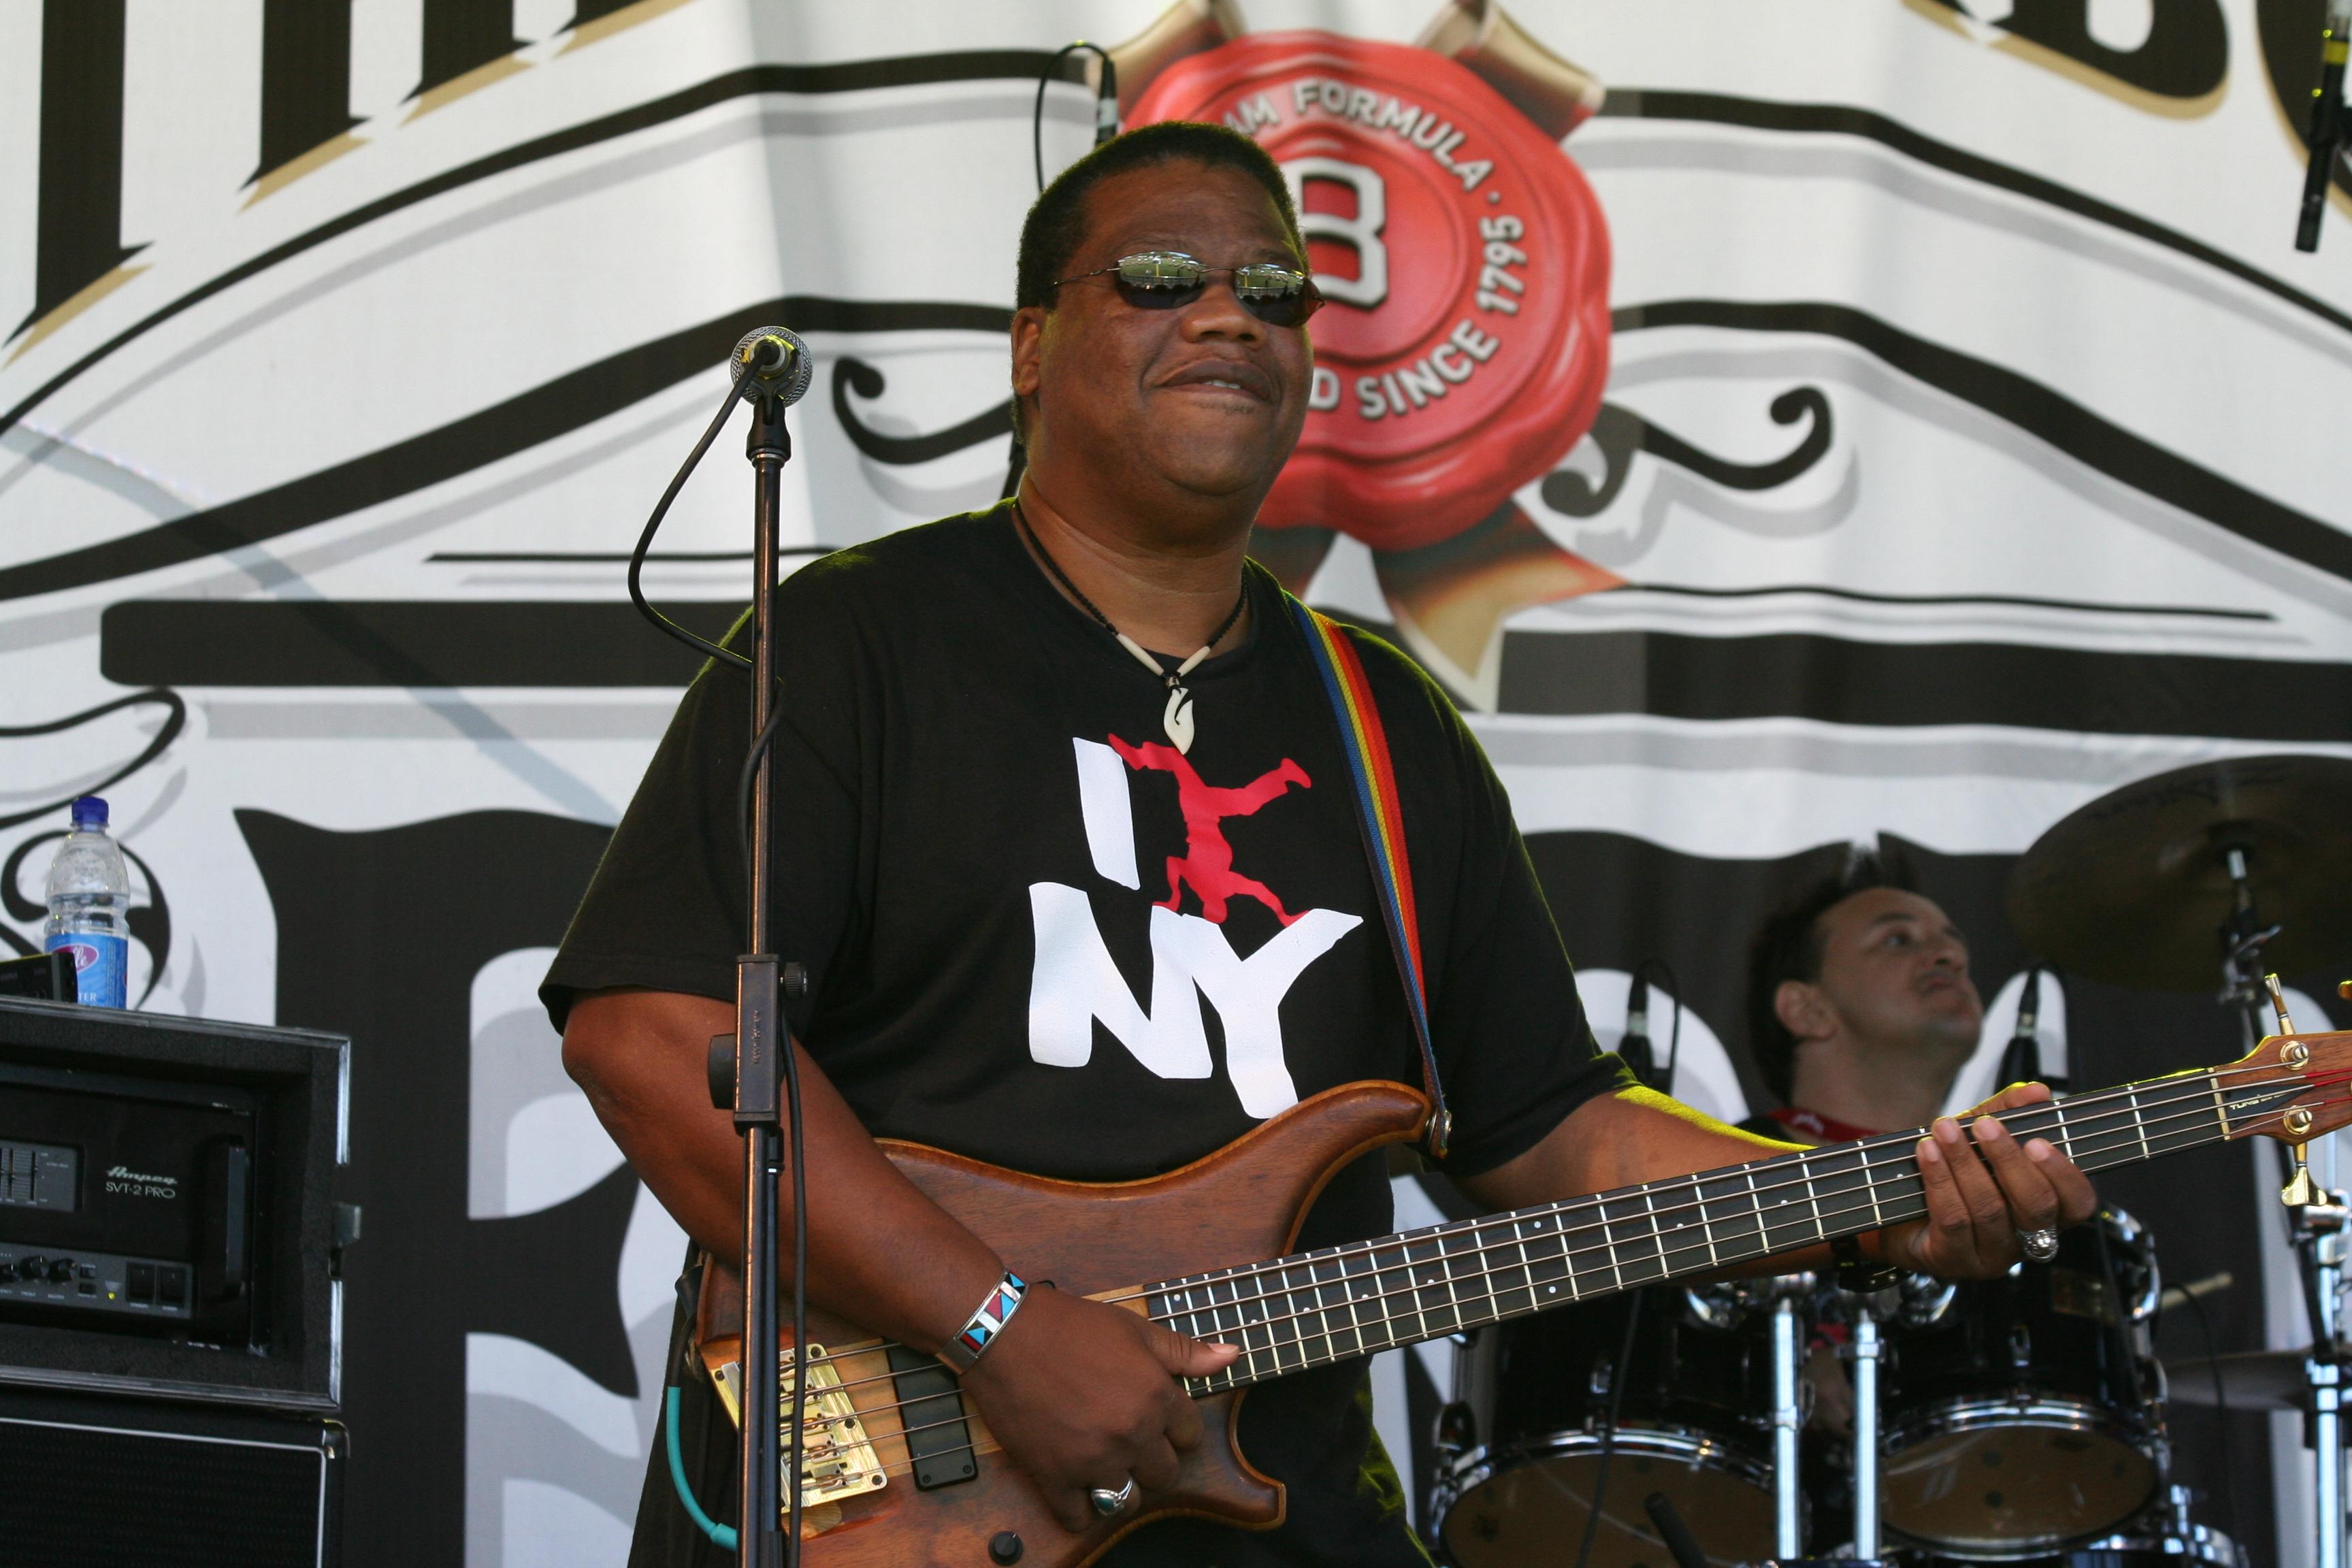 Jim Beam Festival 2010